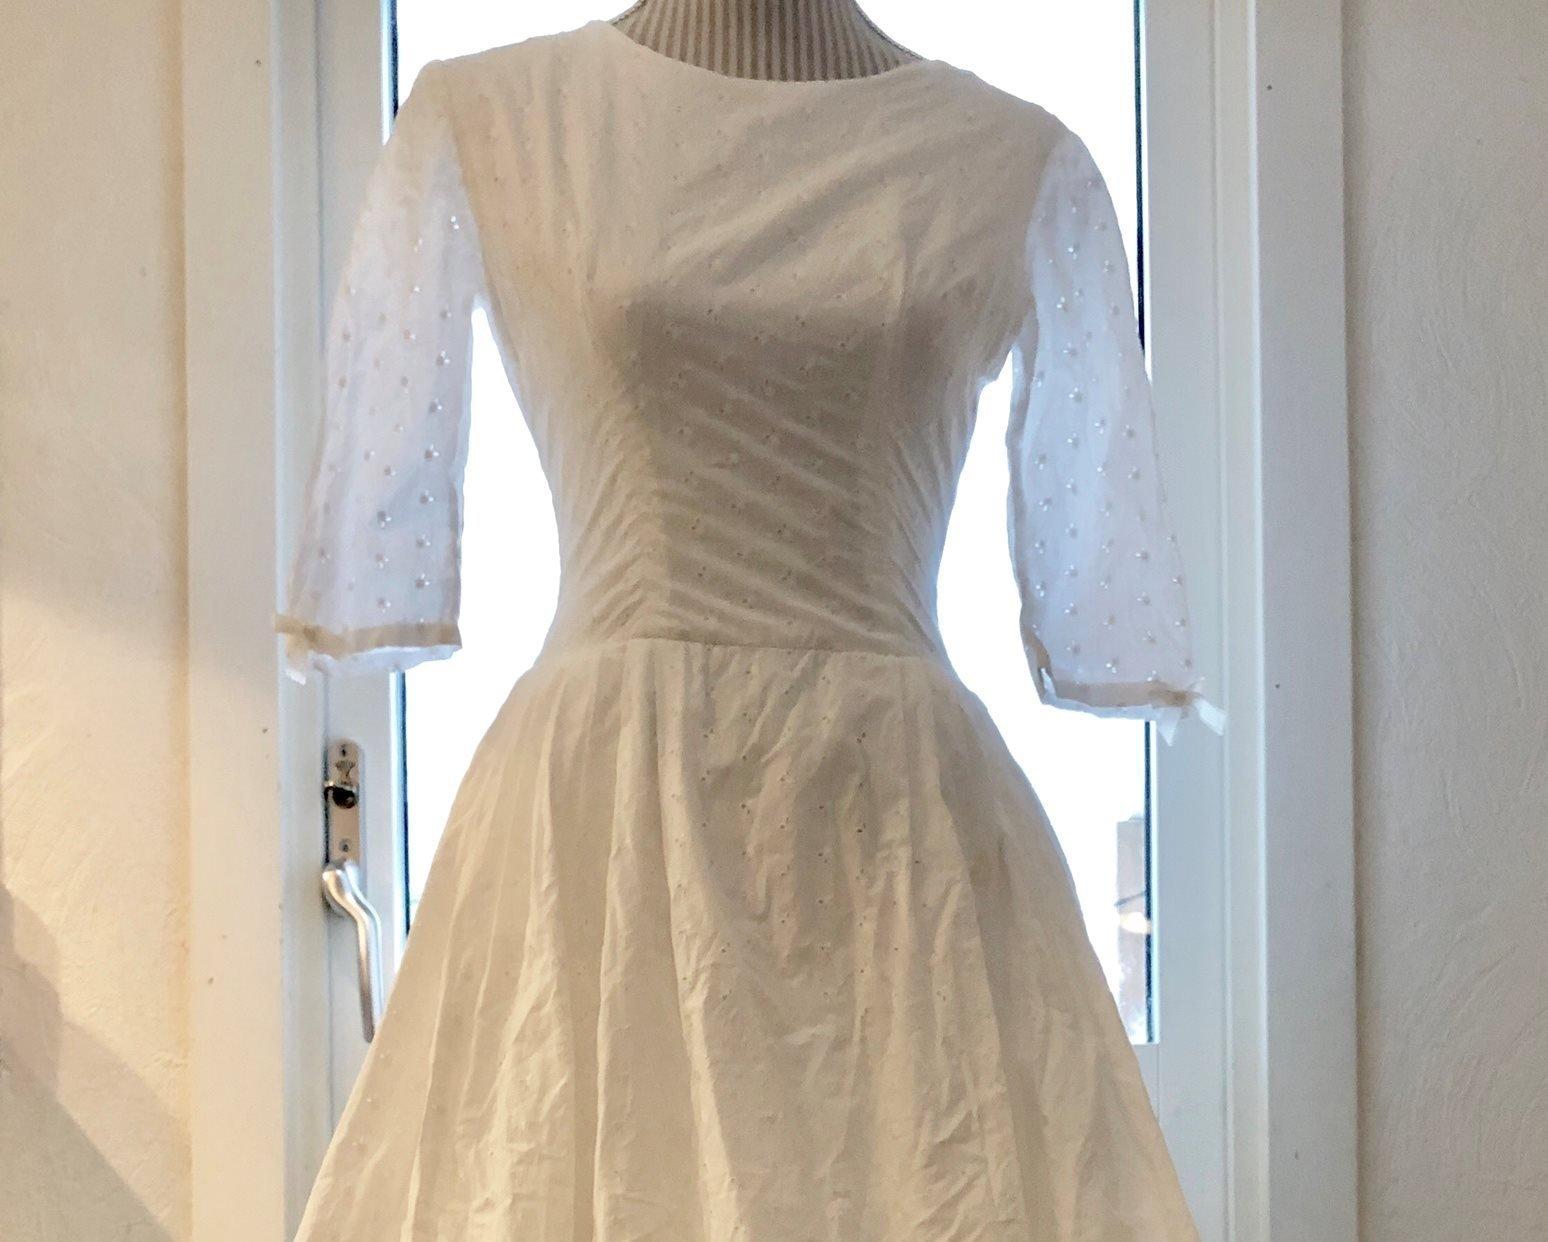 69ba25a0ae8c Colorelle modeblogg - Bröllop. Äkta vintage vit klänning 50-tal stl 36  brudklänning/balklänning/studentklänning .